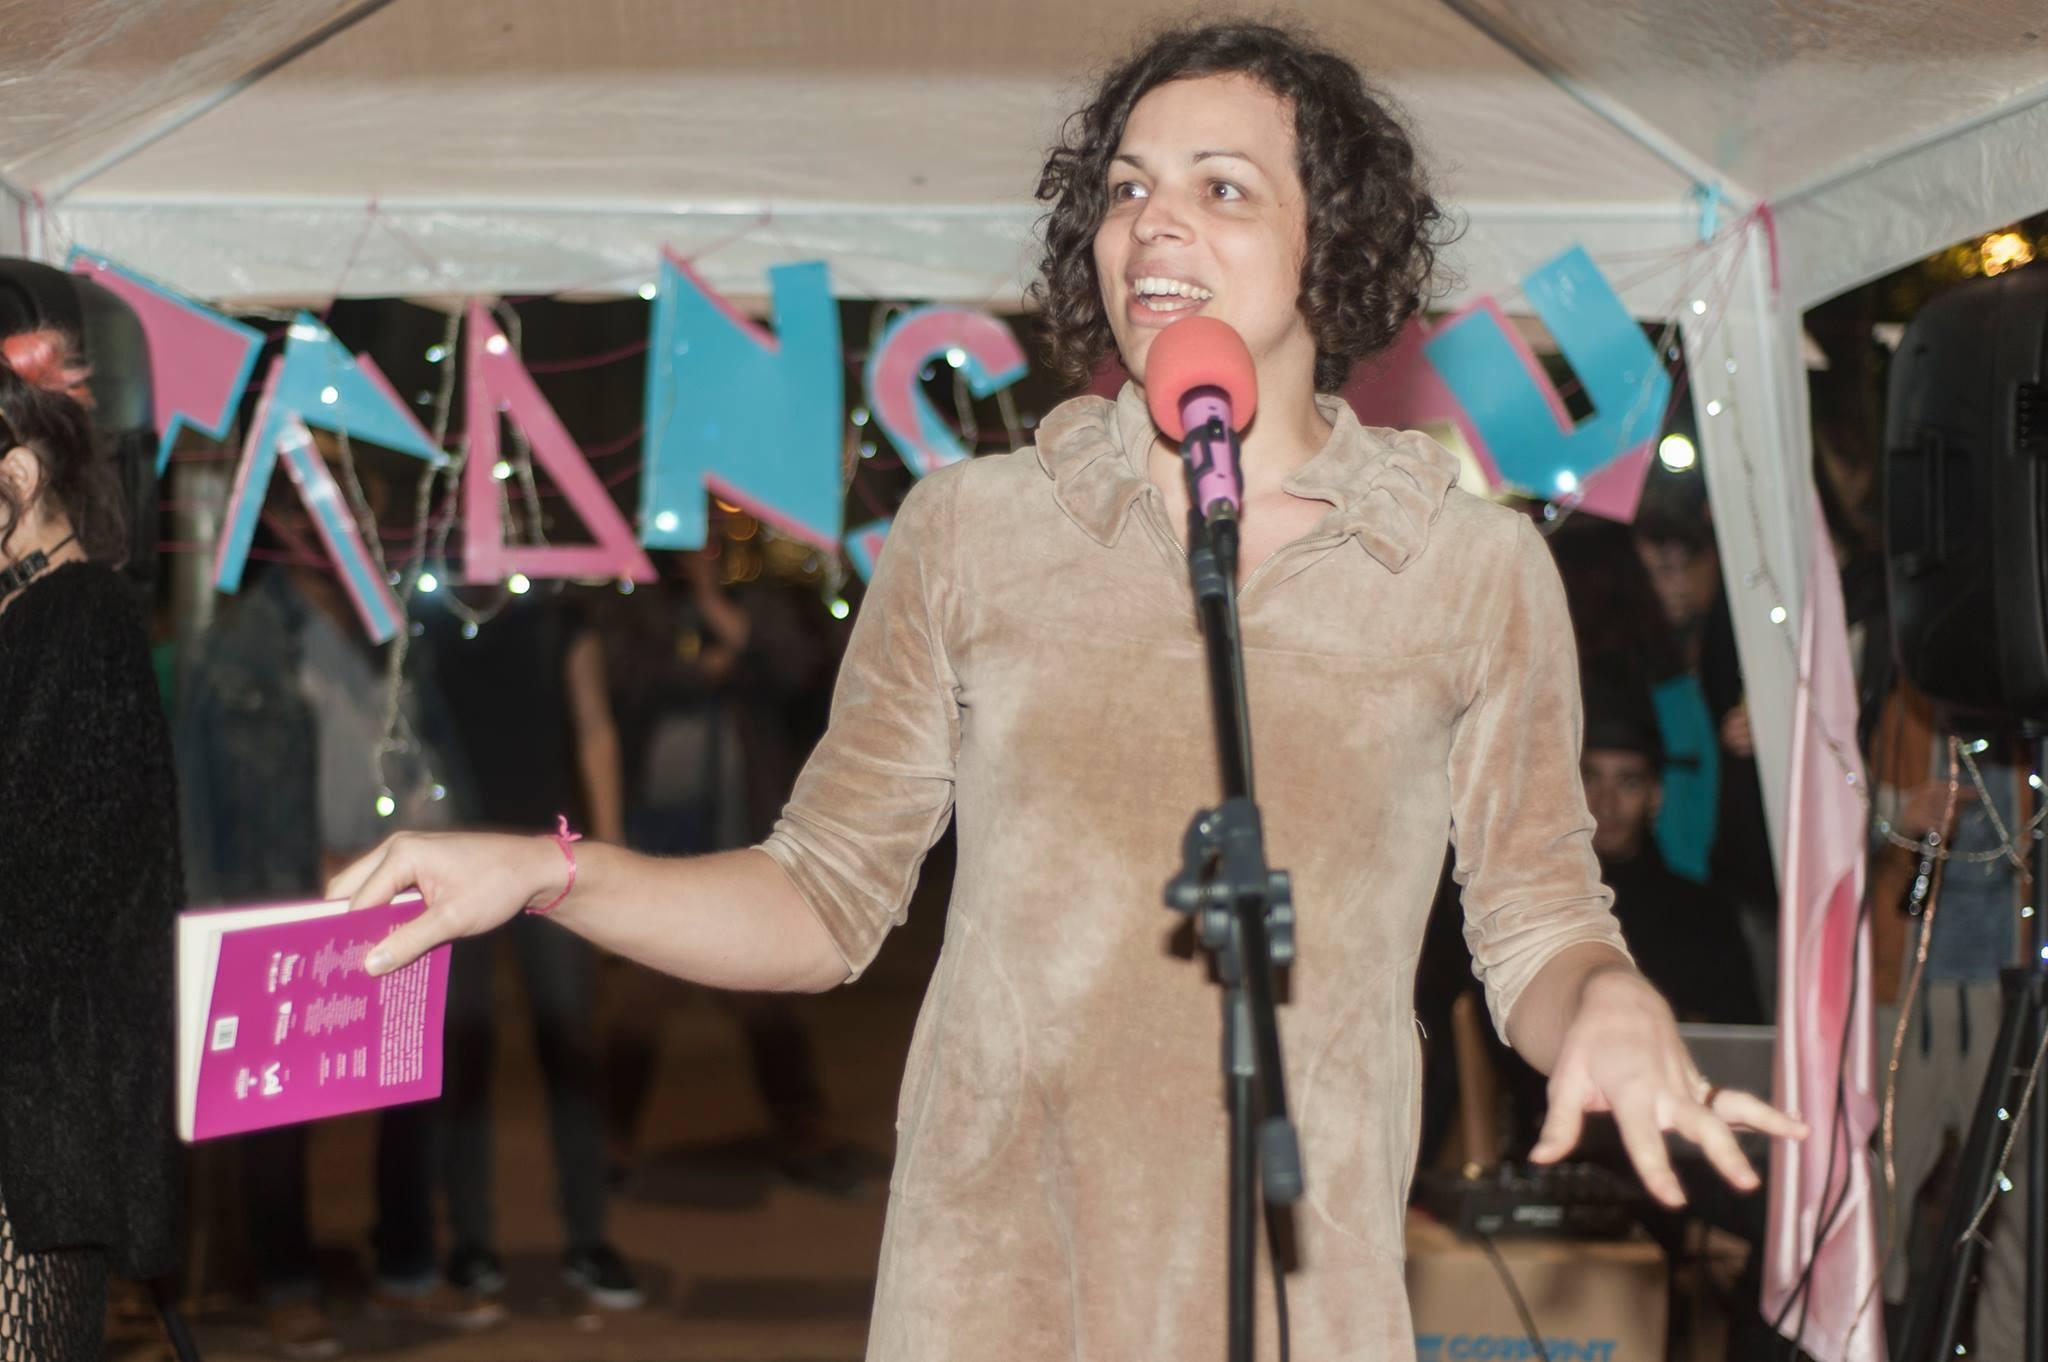 Amara Moira, no TRANSasau de lançamento da 'Antologia Trans' (Foto: Divulgação/ Cursinho Popular Transformação )